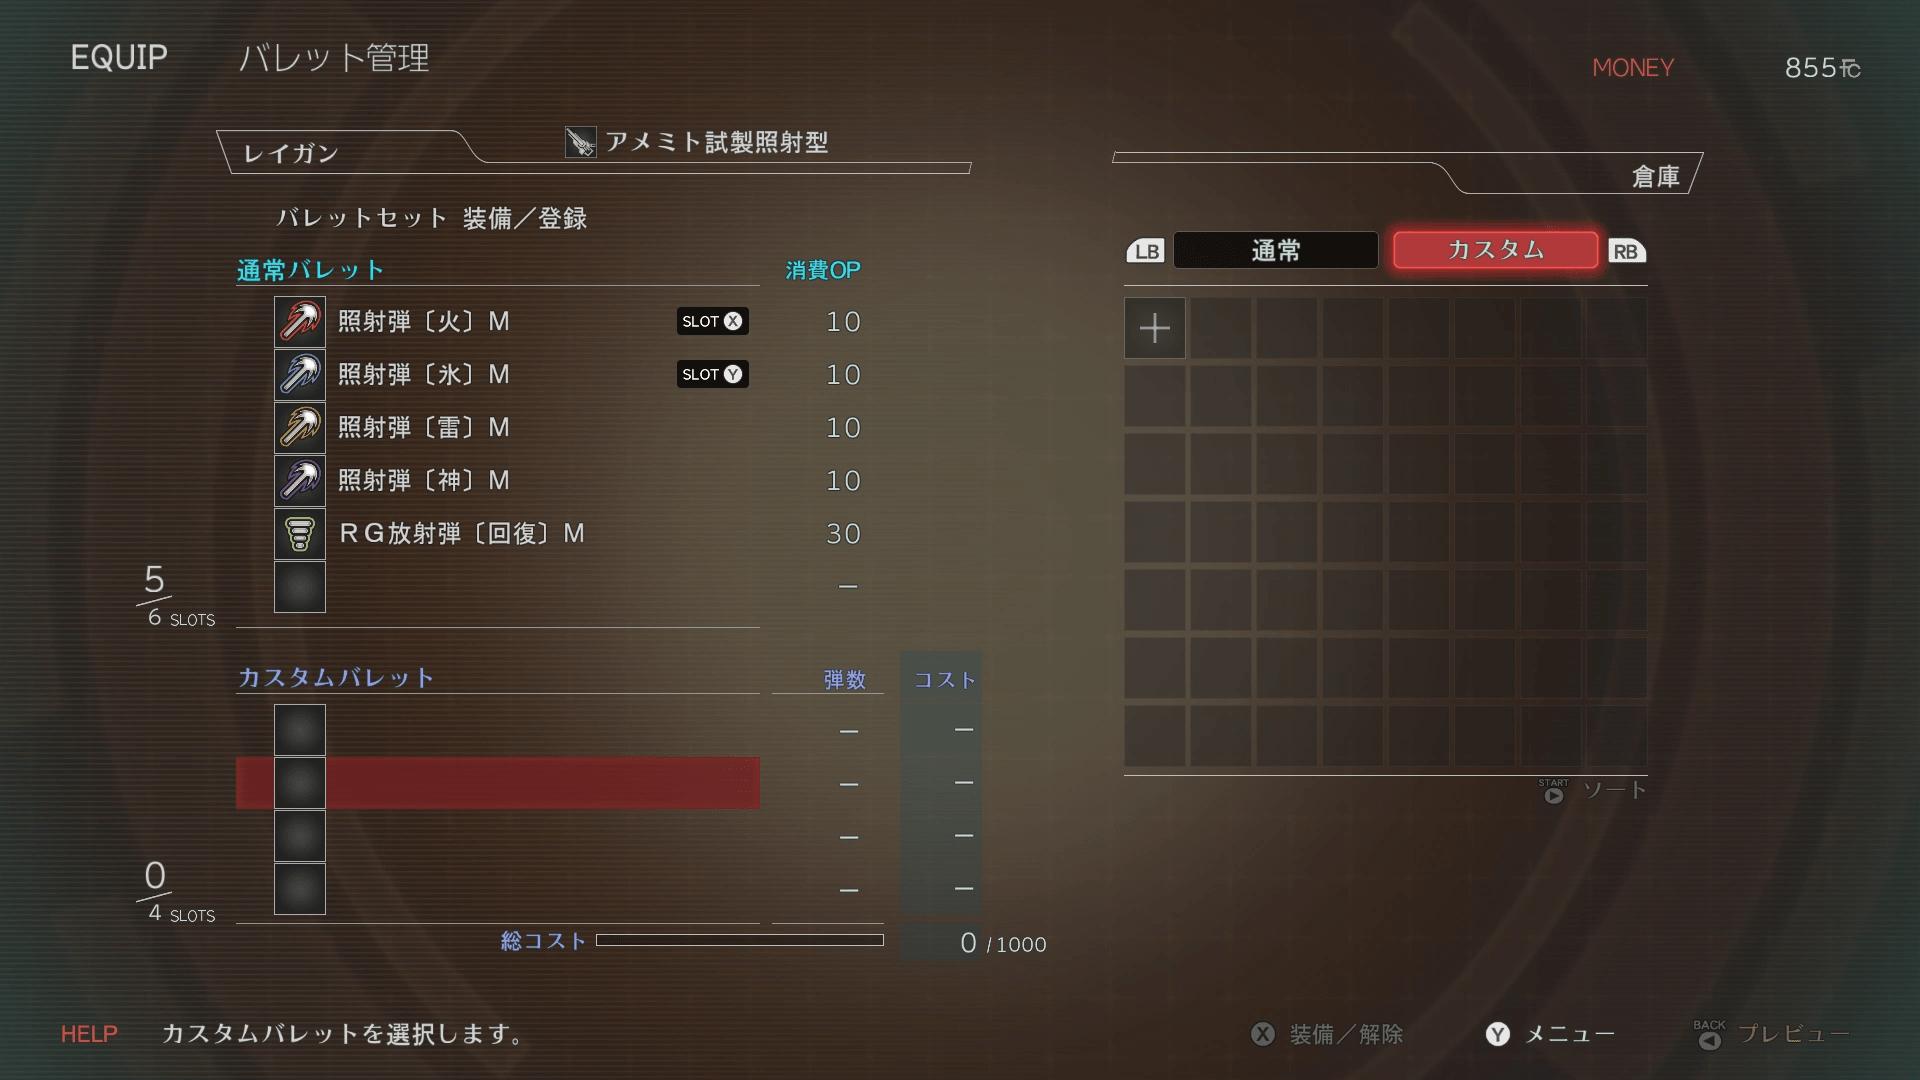 映画 テレビ 2019_03_22 0_07_59-min